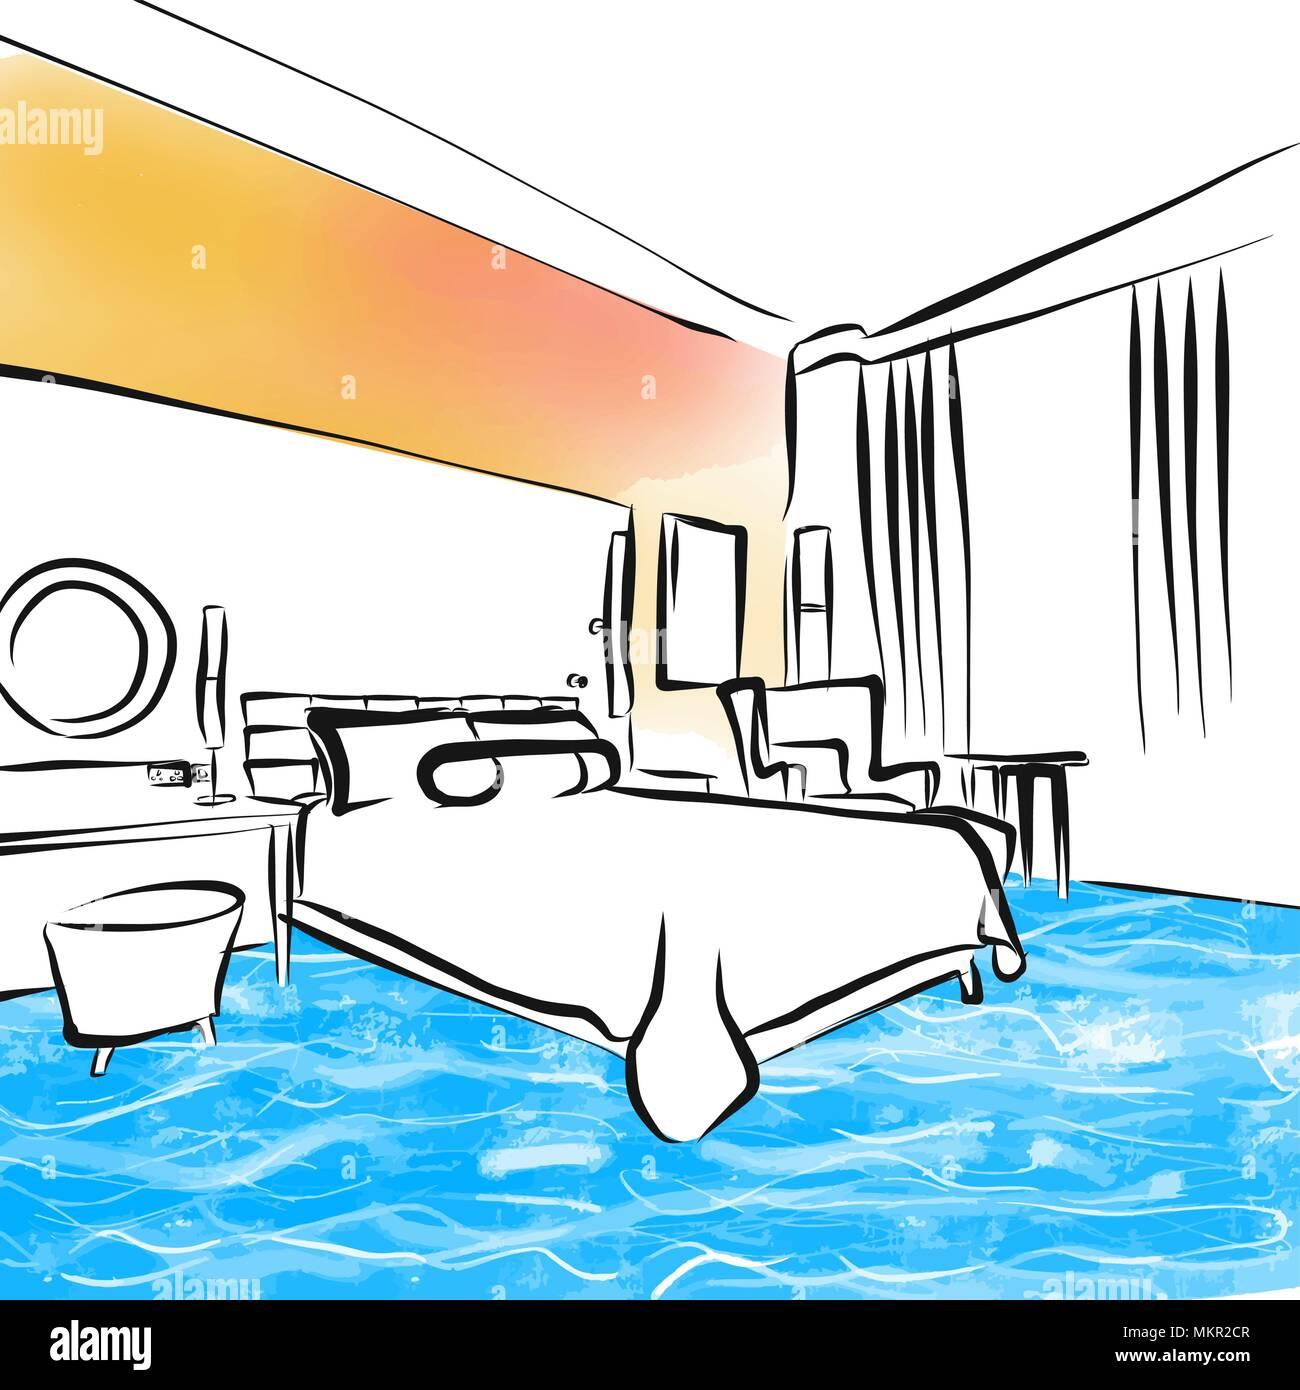 Hotel Schlafzimmer Zeichnung Design Konzept Hand Vector Illustration Gezeichnet Stock Vektorgrafik Alamy